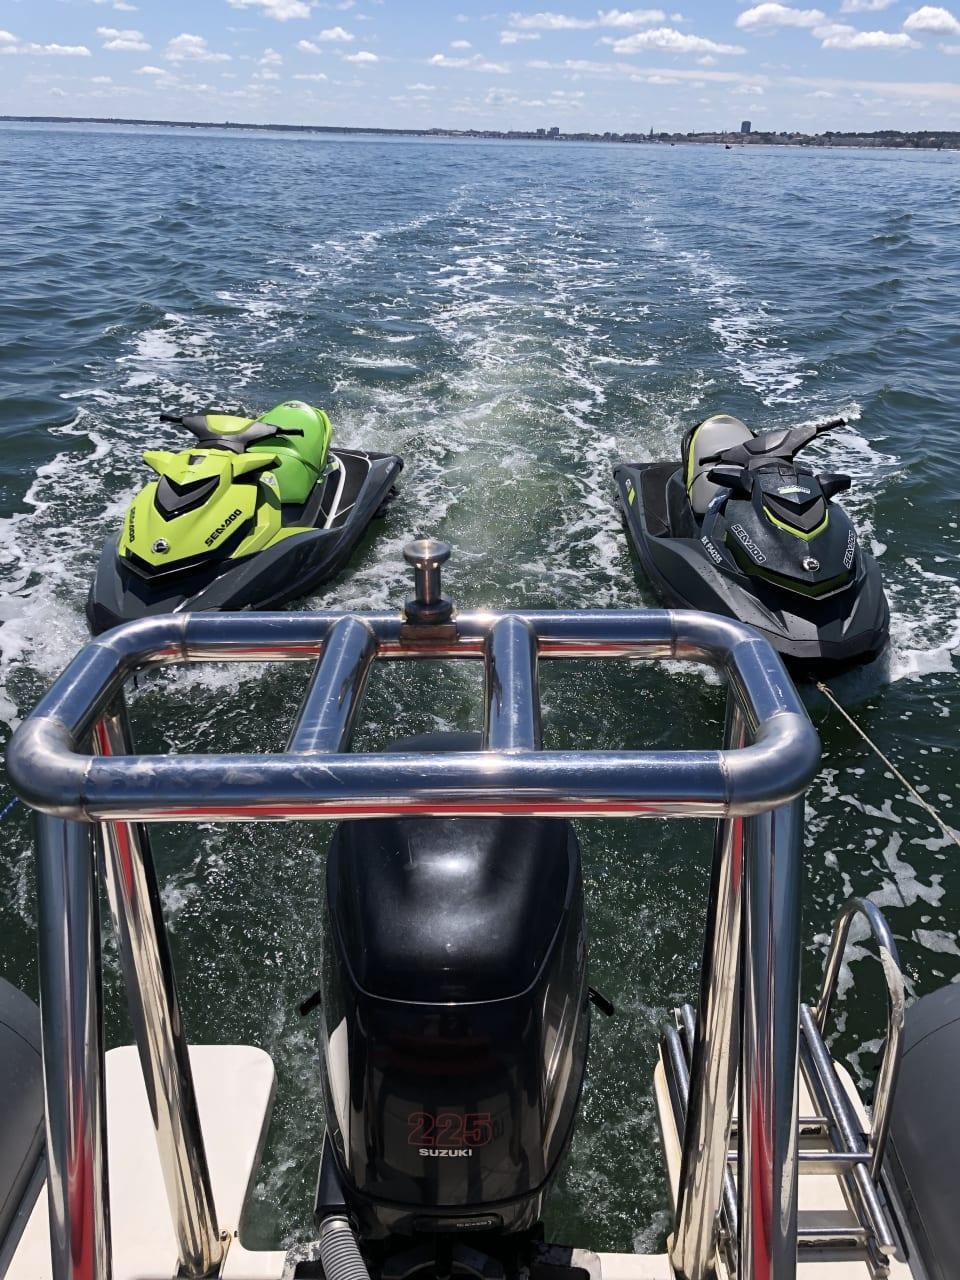 Location Jetski - Randonnée Profitez d'un moment privilégié pour découvrir ou redécouvrir les merveilles du bassin d'Arcachon et du Cap Ferret.  Location de bateaux avec ou sans skipper, une liste de skipper vous sera proposée.